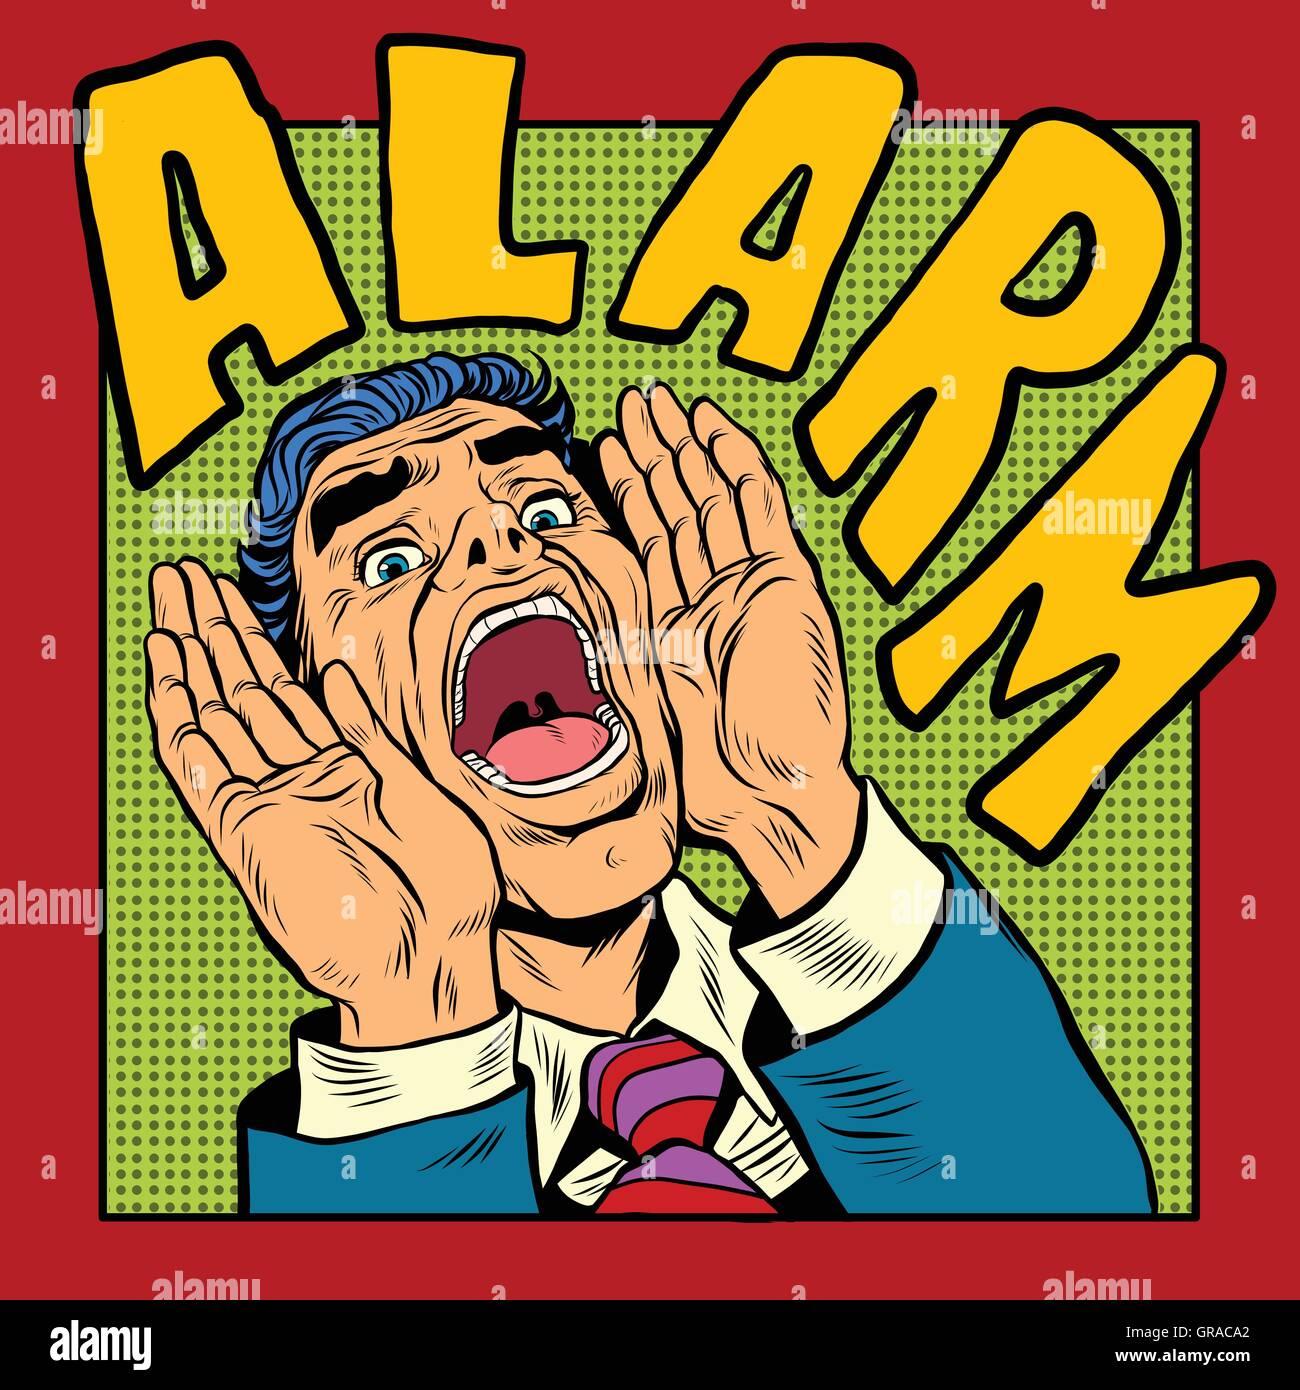 Alarm screams pop art man - Stock Vector